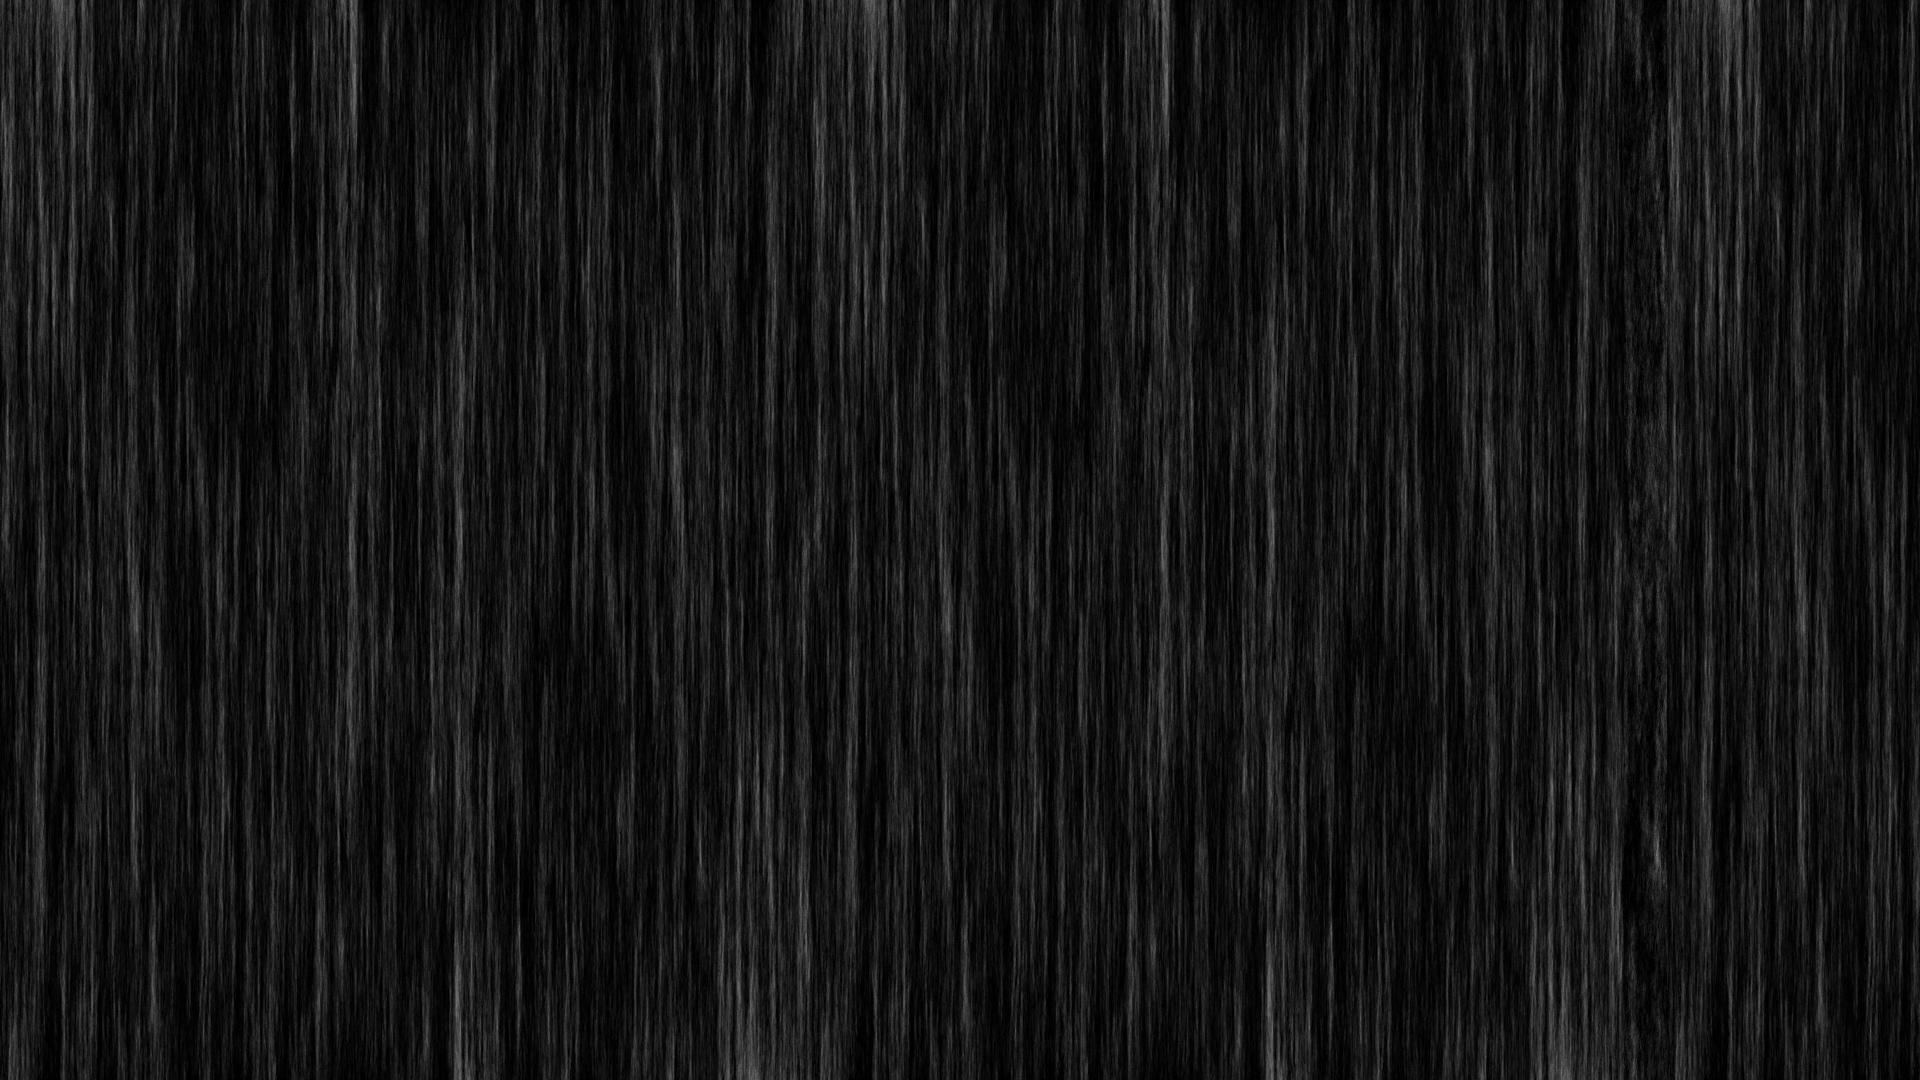 Dark wood wallpaper wallpapersafari - Dark wood wallpaper ...